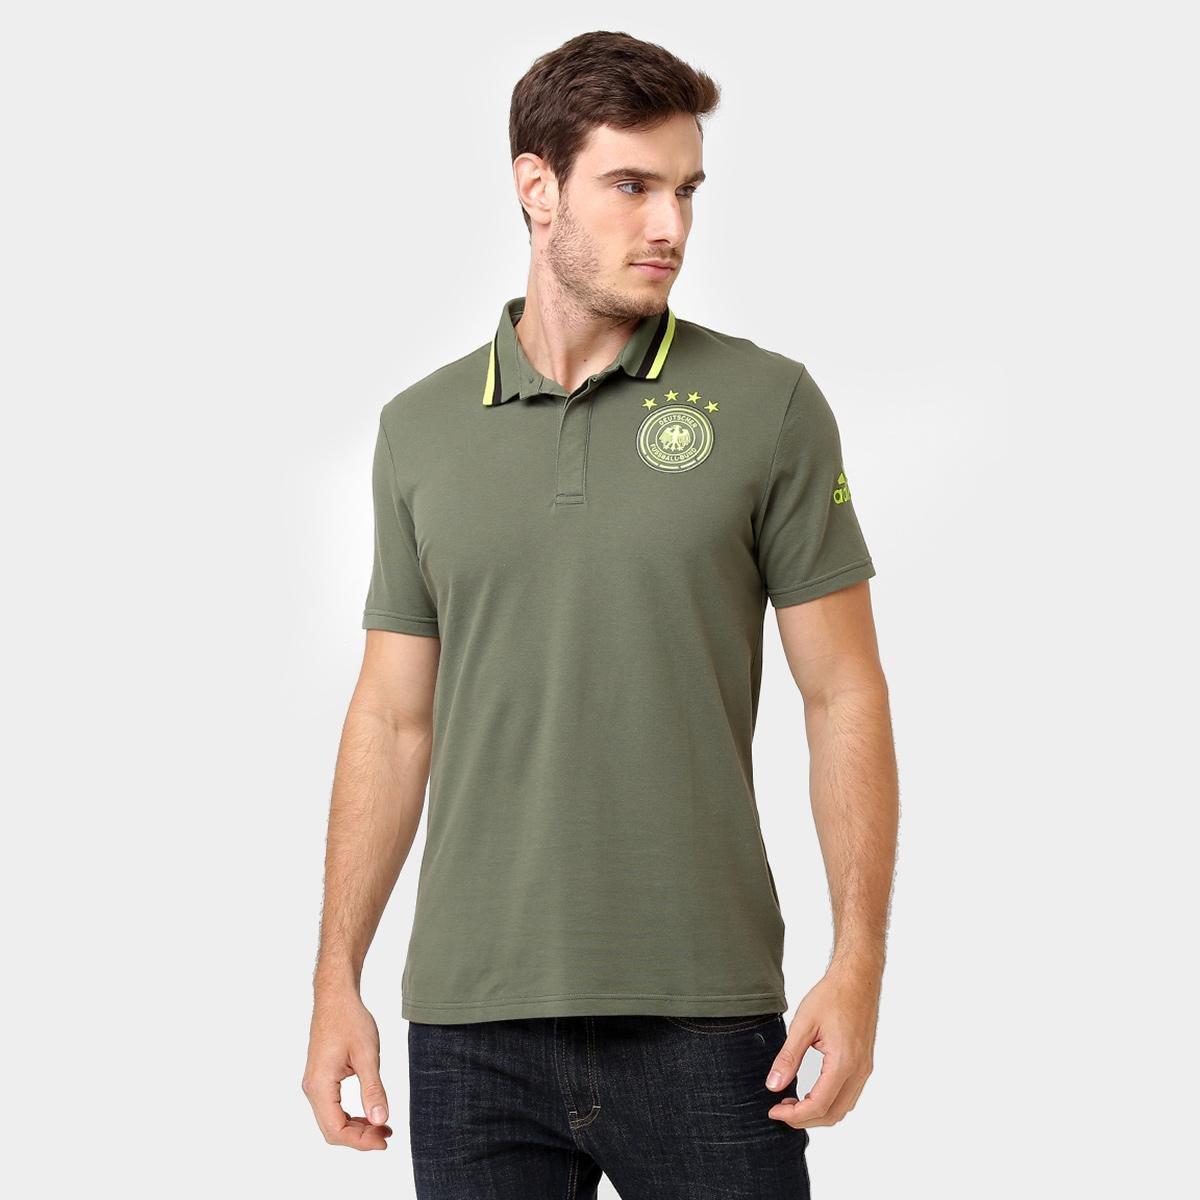 ... 2018 adidas - Masculina f558e945668e82  Camisa Polo Alemanha Adidas  Seleção - Compre Agora Netshoes 06dd0ed6b6286b ... 37344759c405a